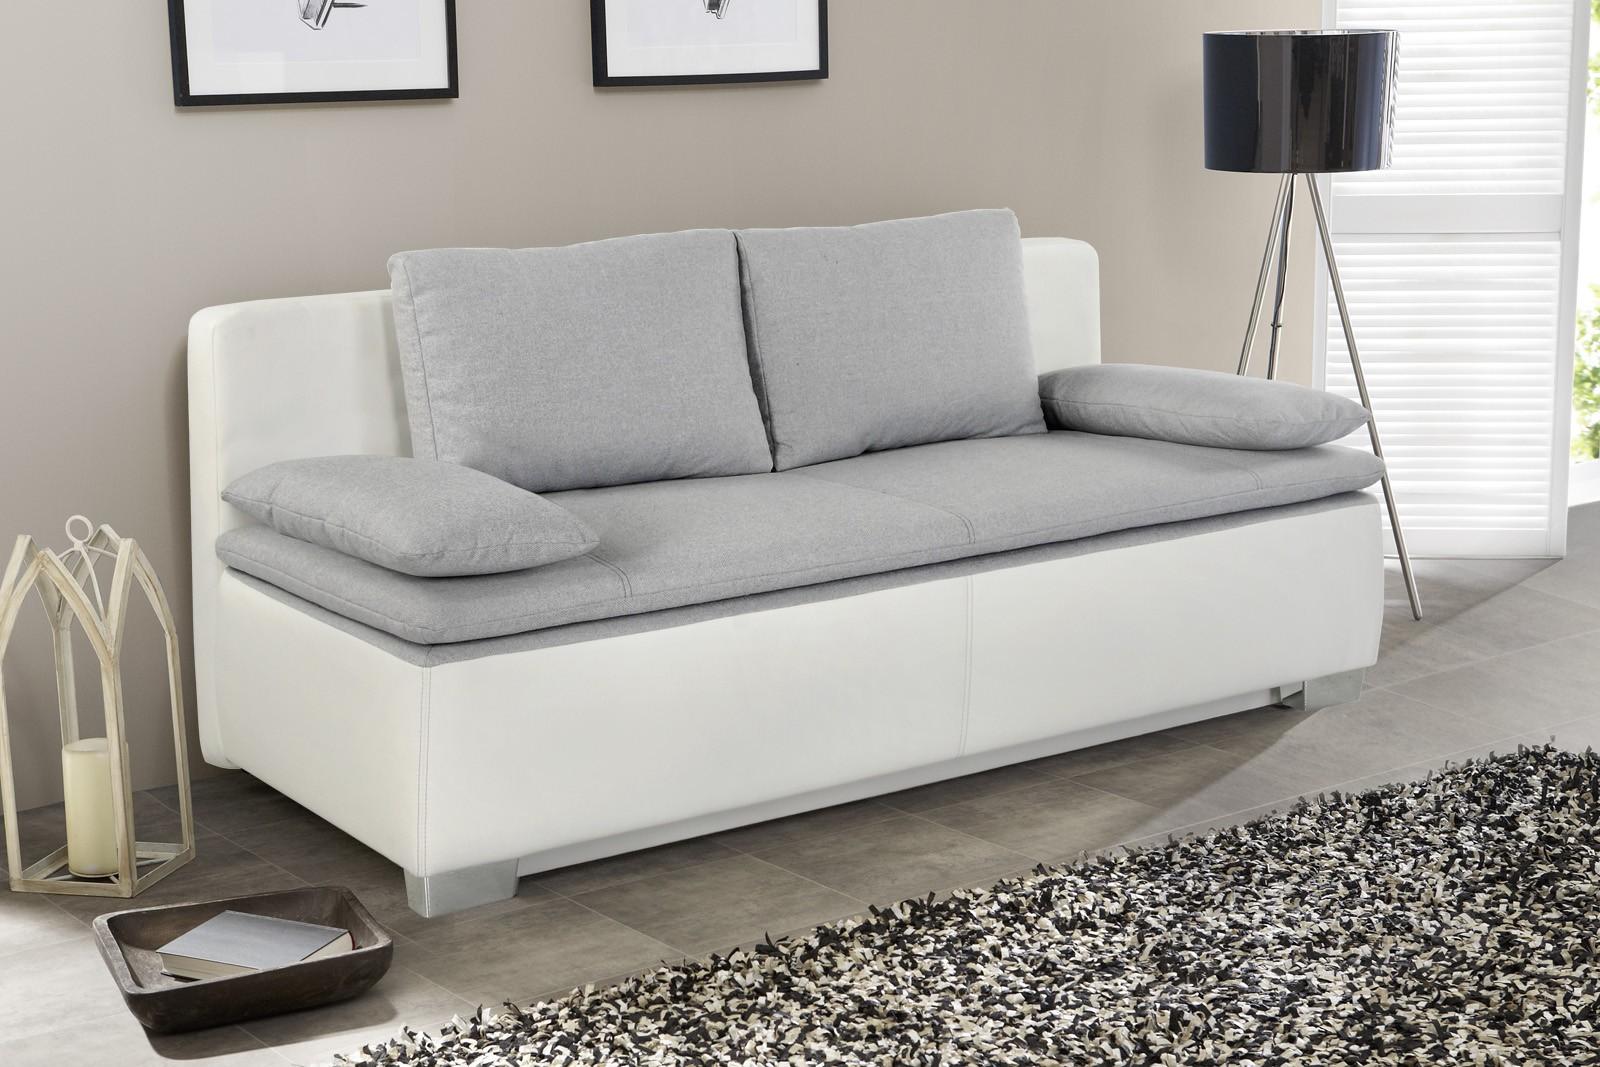 big sofa gebraucht berlin die neueste innovation der innenarchitektur und m bel. Black Bedroom Furniture Sets. Home Design Ideas